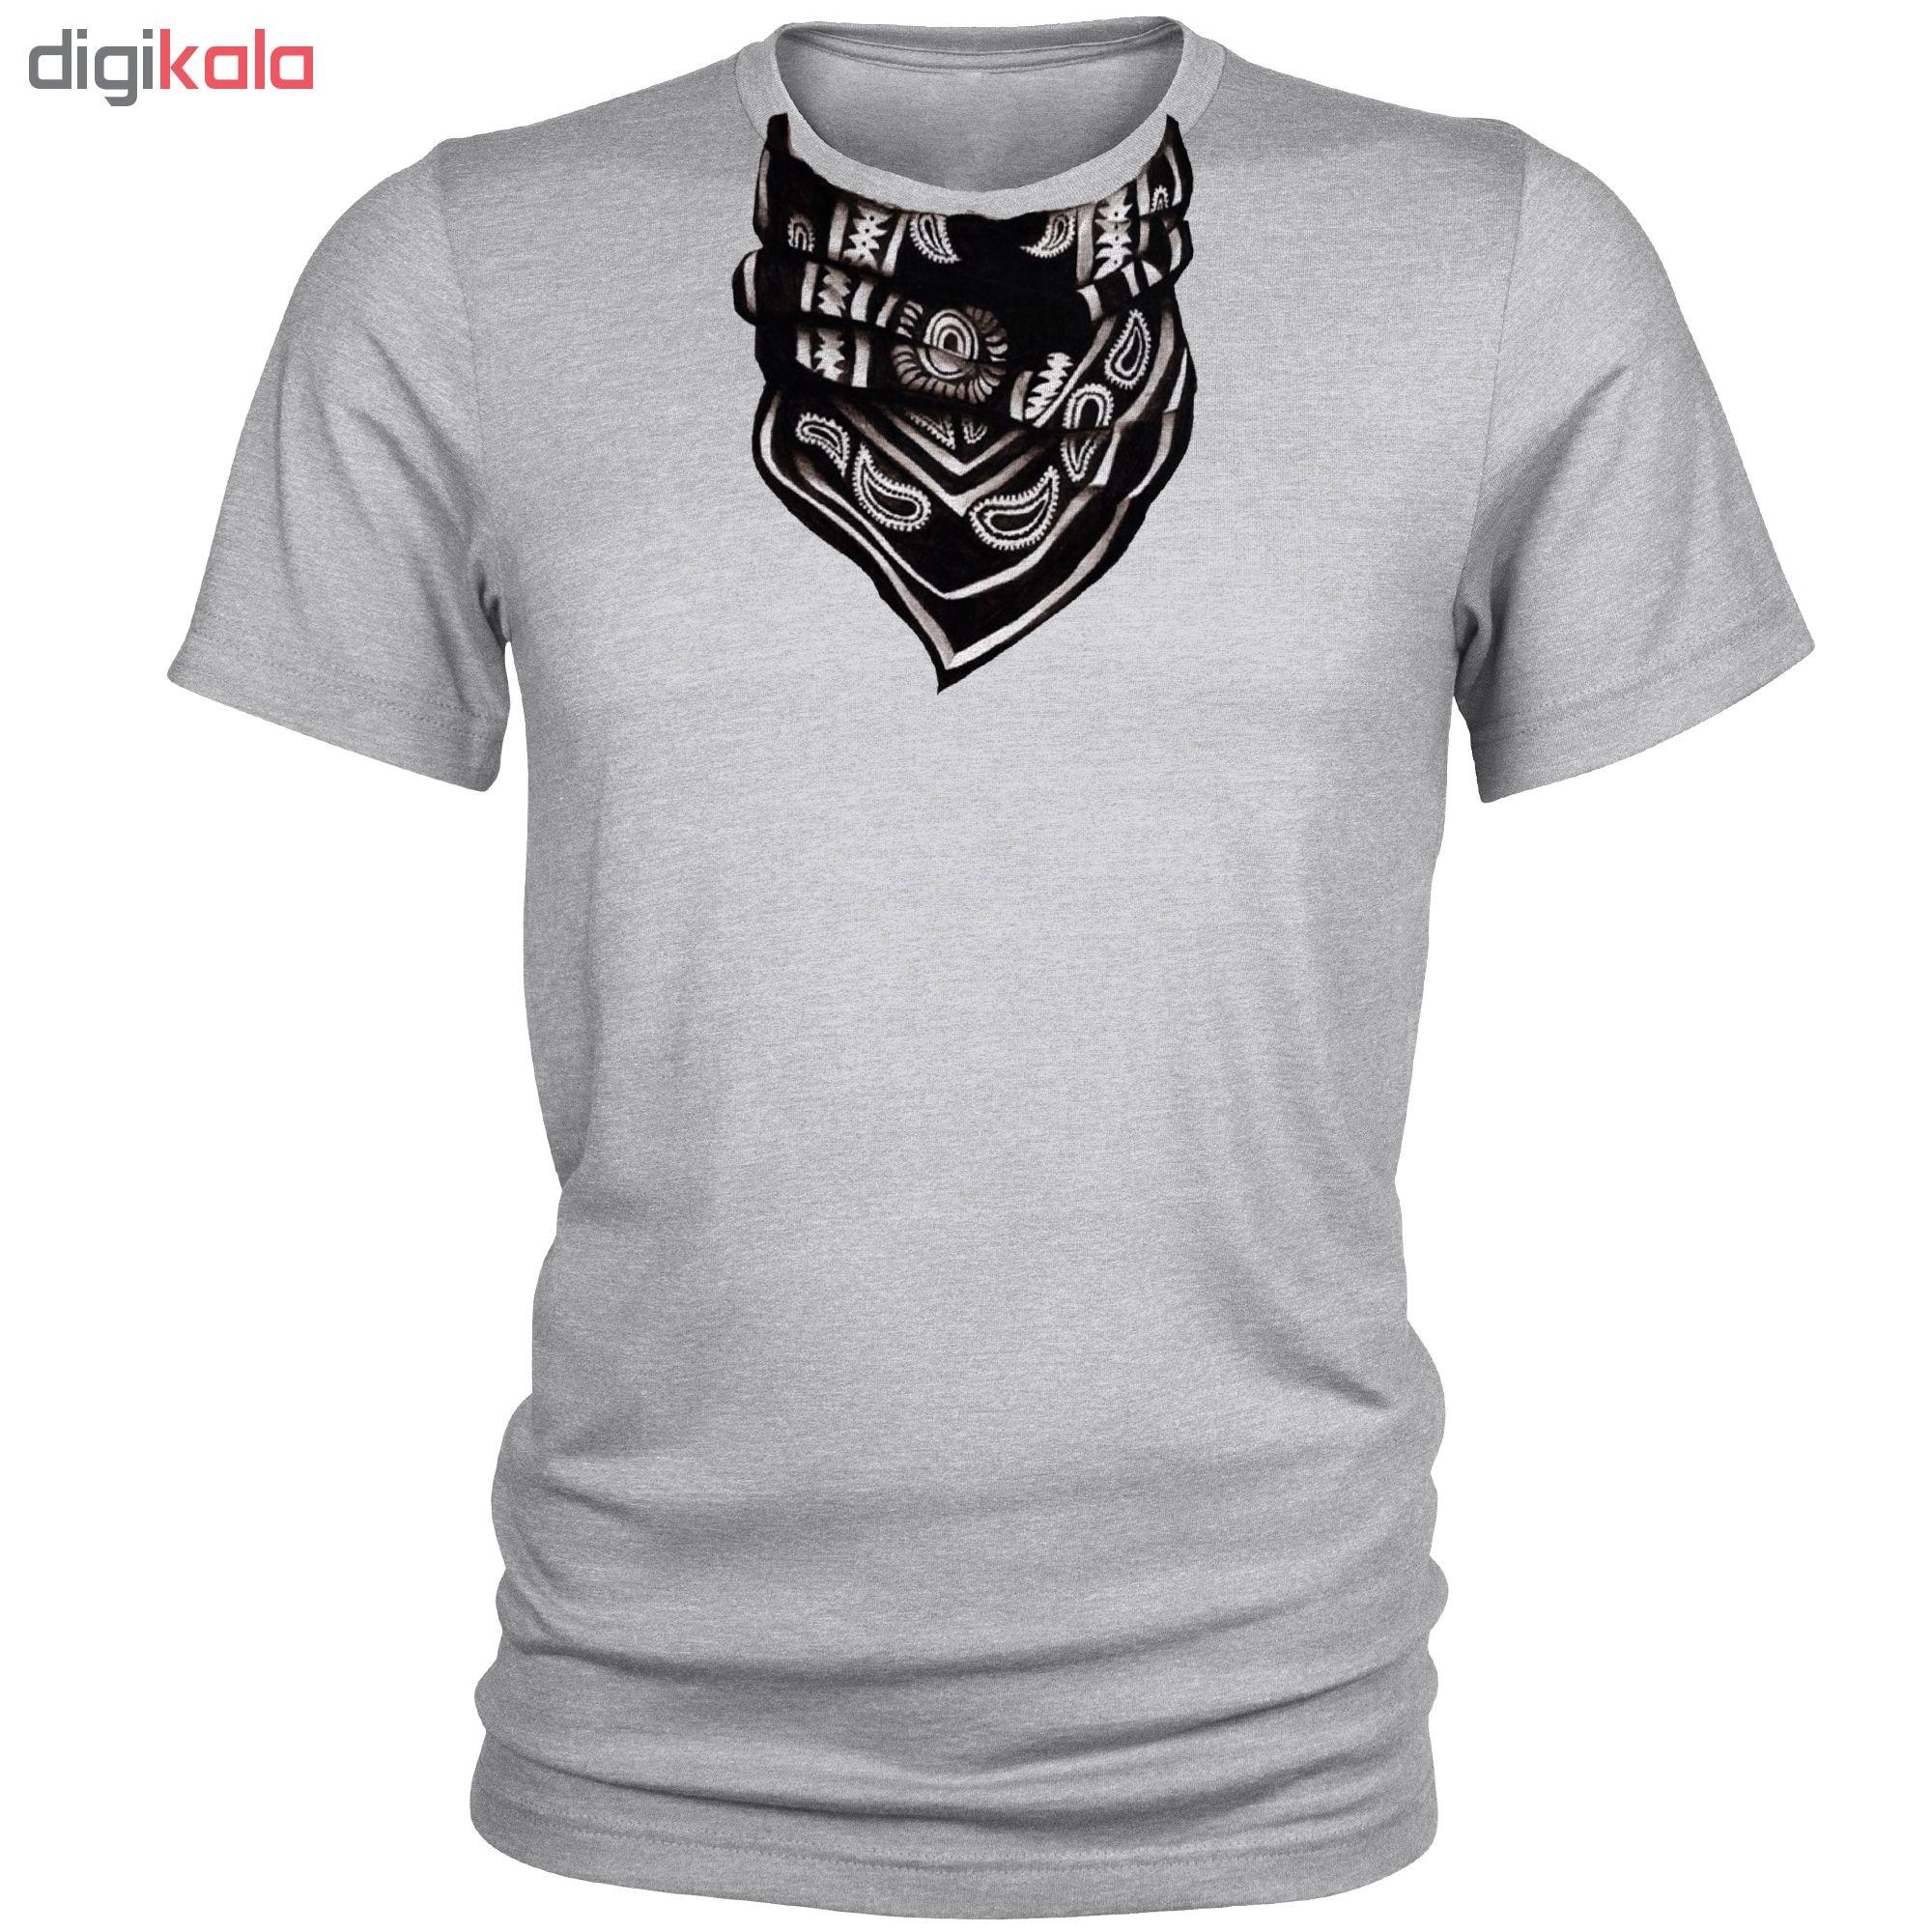 تی شرت مردانه طرح اسکارف کد A037